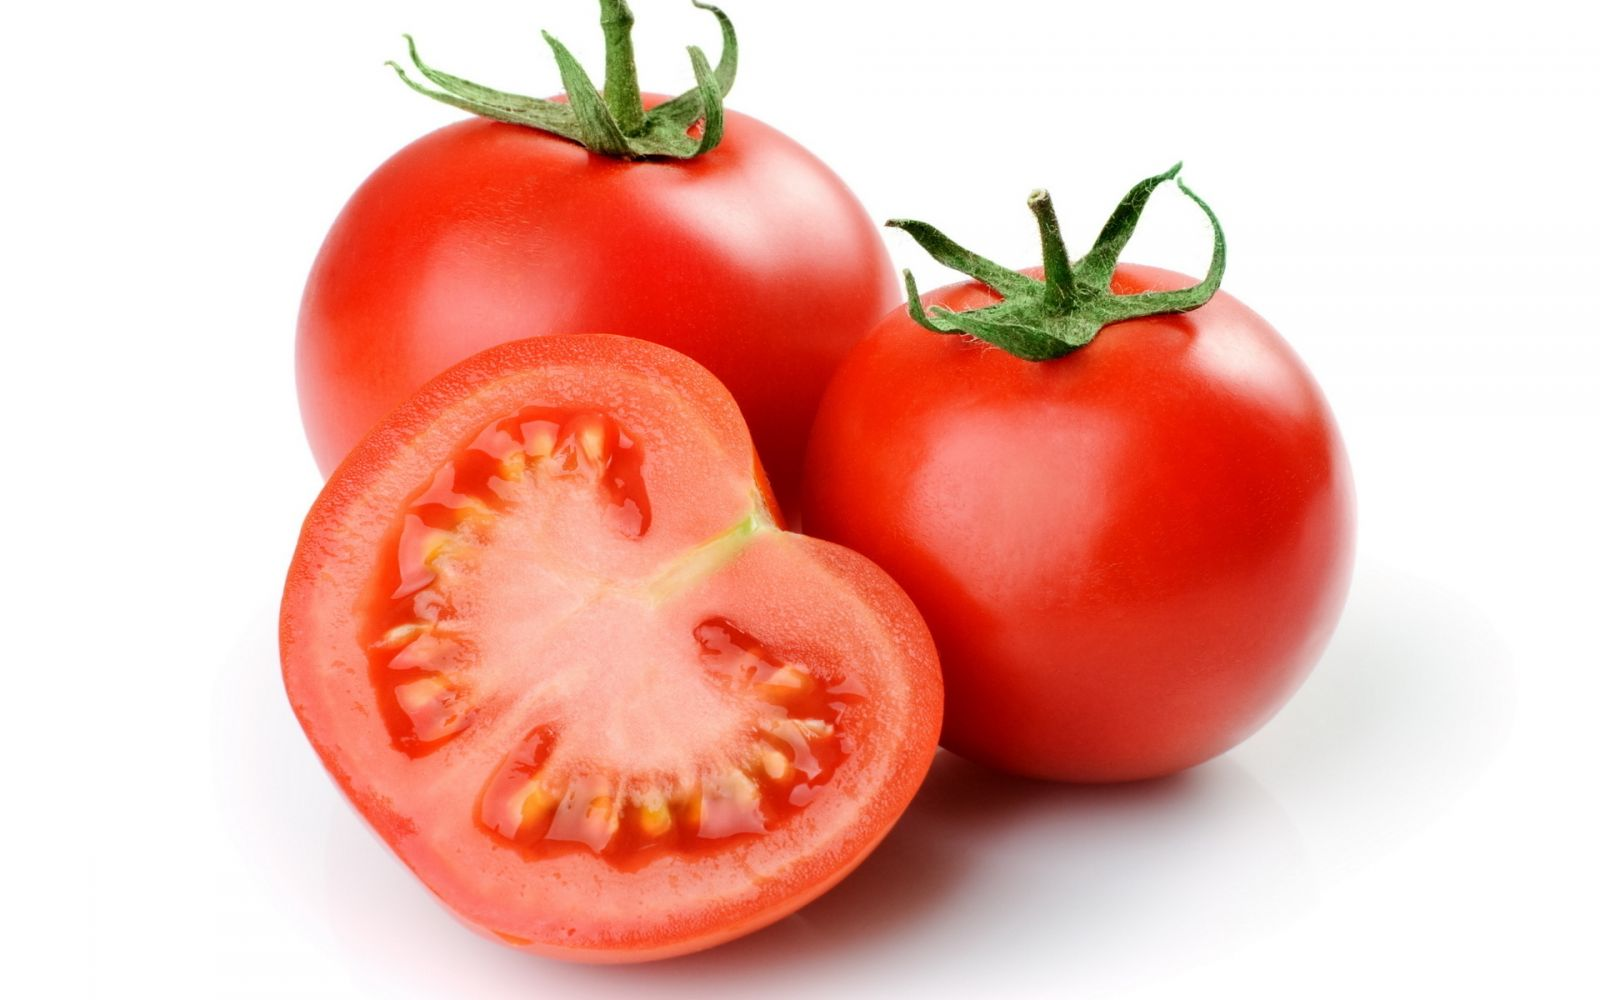 Cà chua có tác dụng lọc máu nên nó cũng có tác dụng cải thiện lưu thông máu trong thời kì mang thai. Trong cà chua có một chất được gọi tên là axit nicotinic giúp giảm cholesterol trong máu, vì vậy nó có tác dụng ngăn ngừa rối loạn nhịp tim ở phụ nữ mang thai. Bên cạnh đó, cà chua cũng là một loại thực phẩm rất giàu vitamin A, tốt cho thị giác của thai nhi phát triển. Ngoài ra, cà chua rất giàu lycopene, một chất chống ô-xy hóa có khả năng ngăn ngừa sự lão hóa cho da, giúp mẹ bầu có làn da tươi sáng, khỏe mạnh hơn.